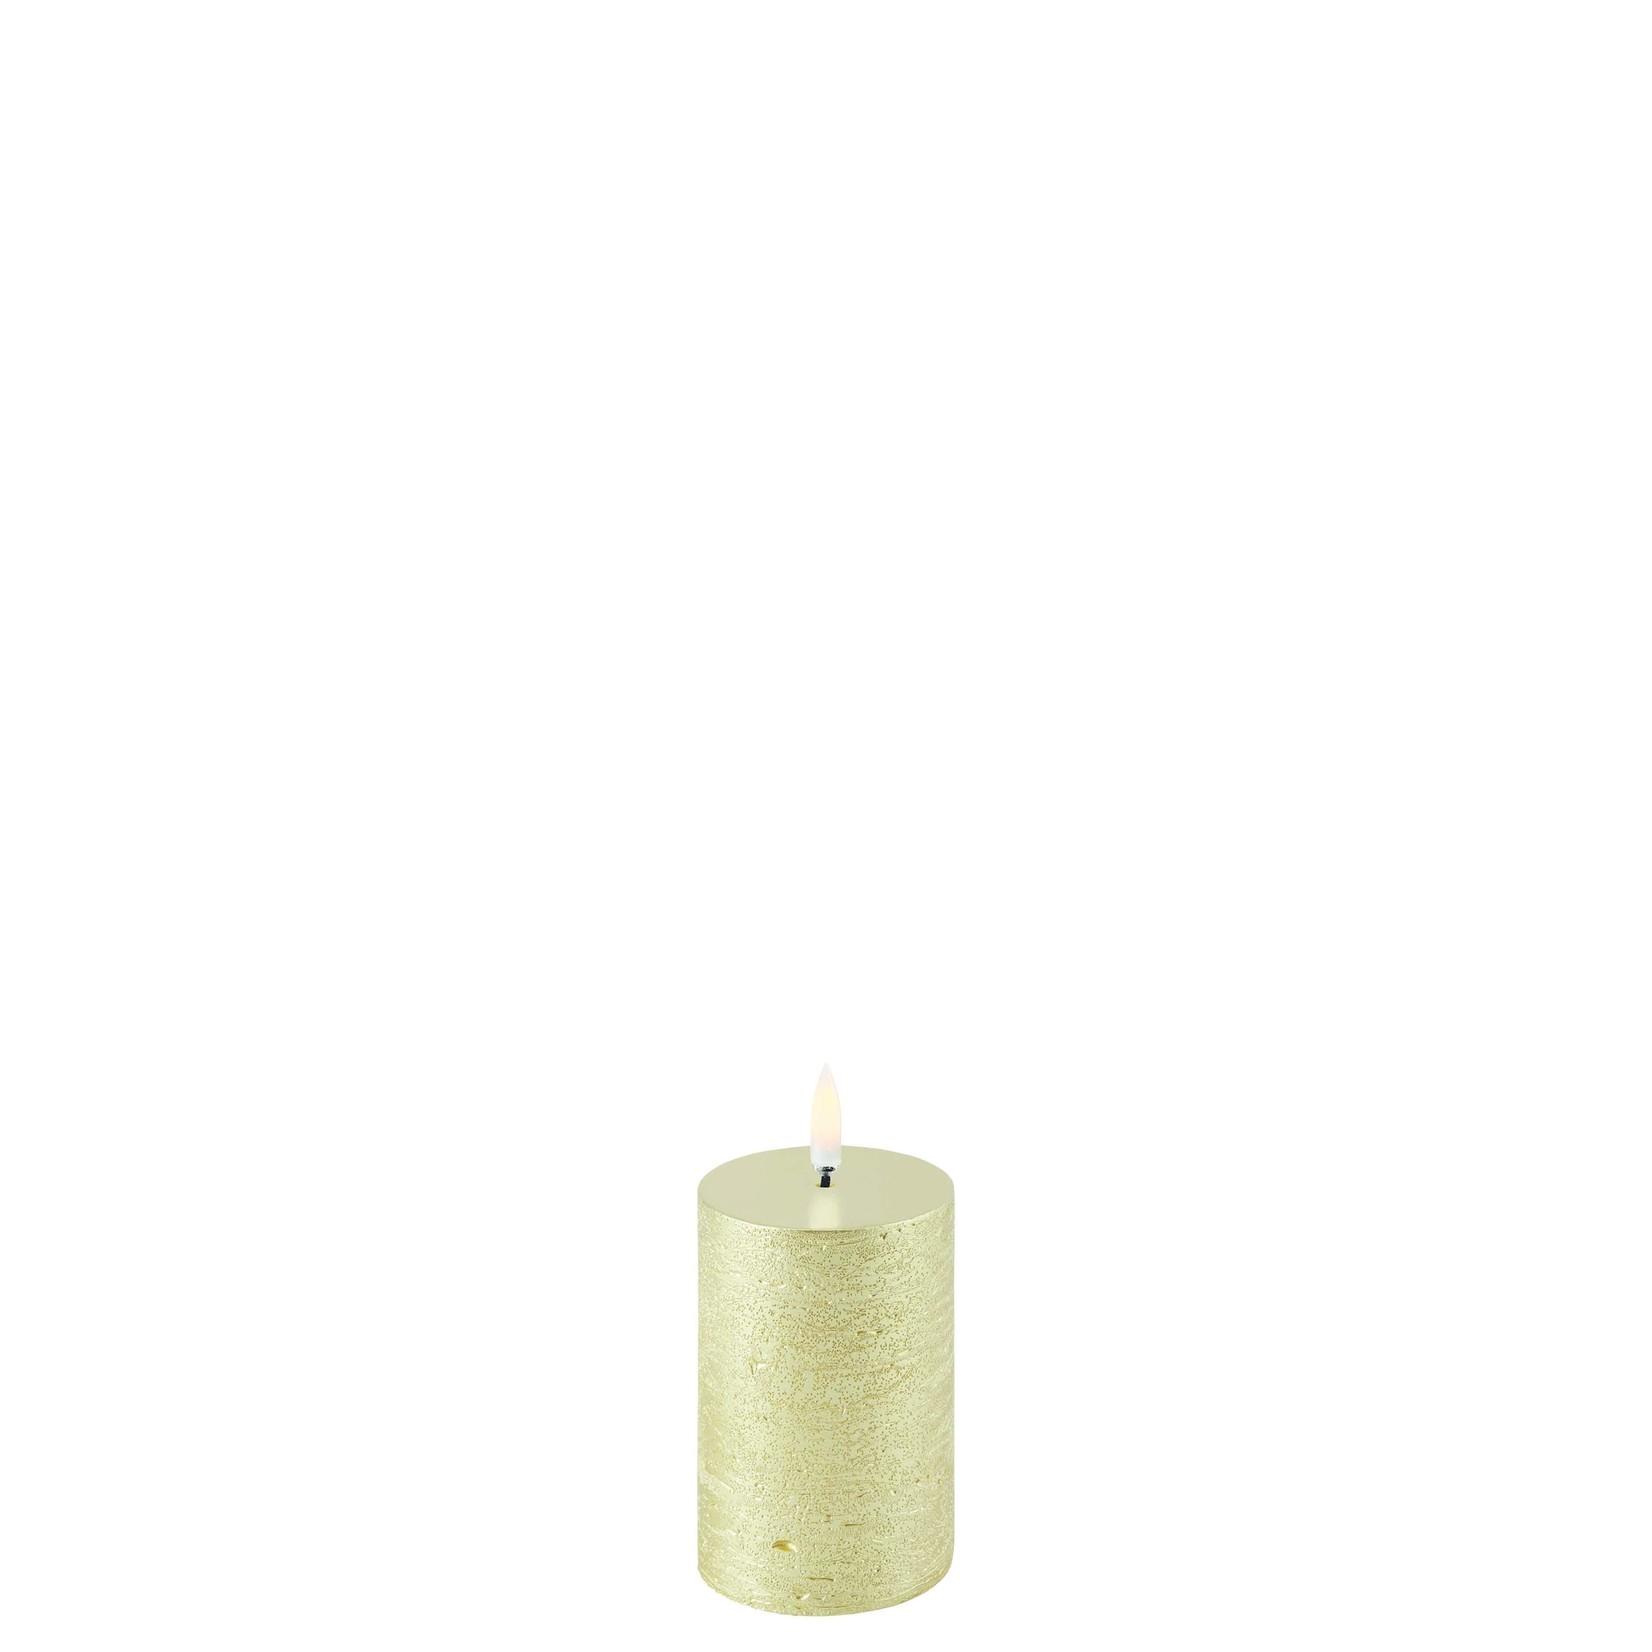 UYUNI LIGHTING LED PILLAR CANDLE - METALLIC GOLD - Ø5 x 7,5 CM